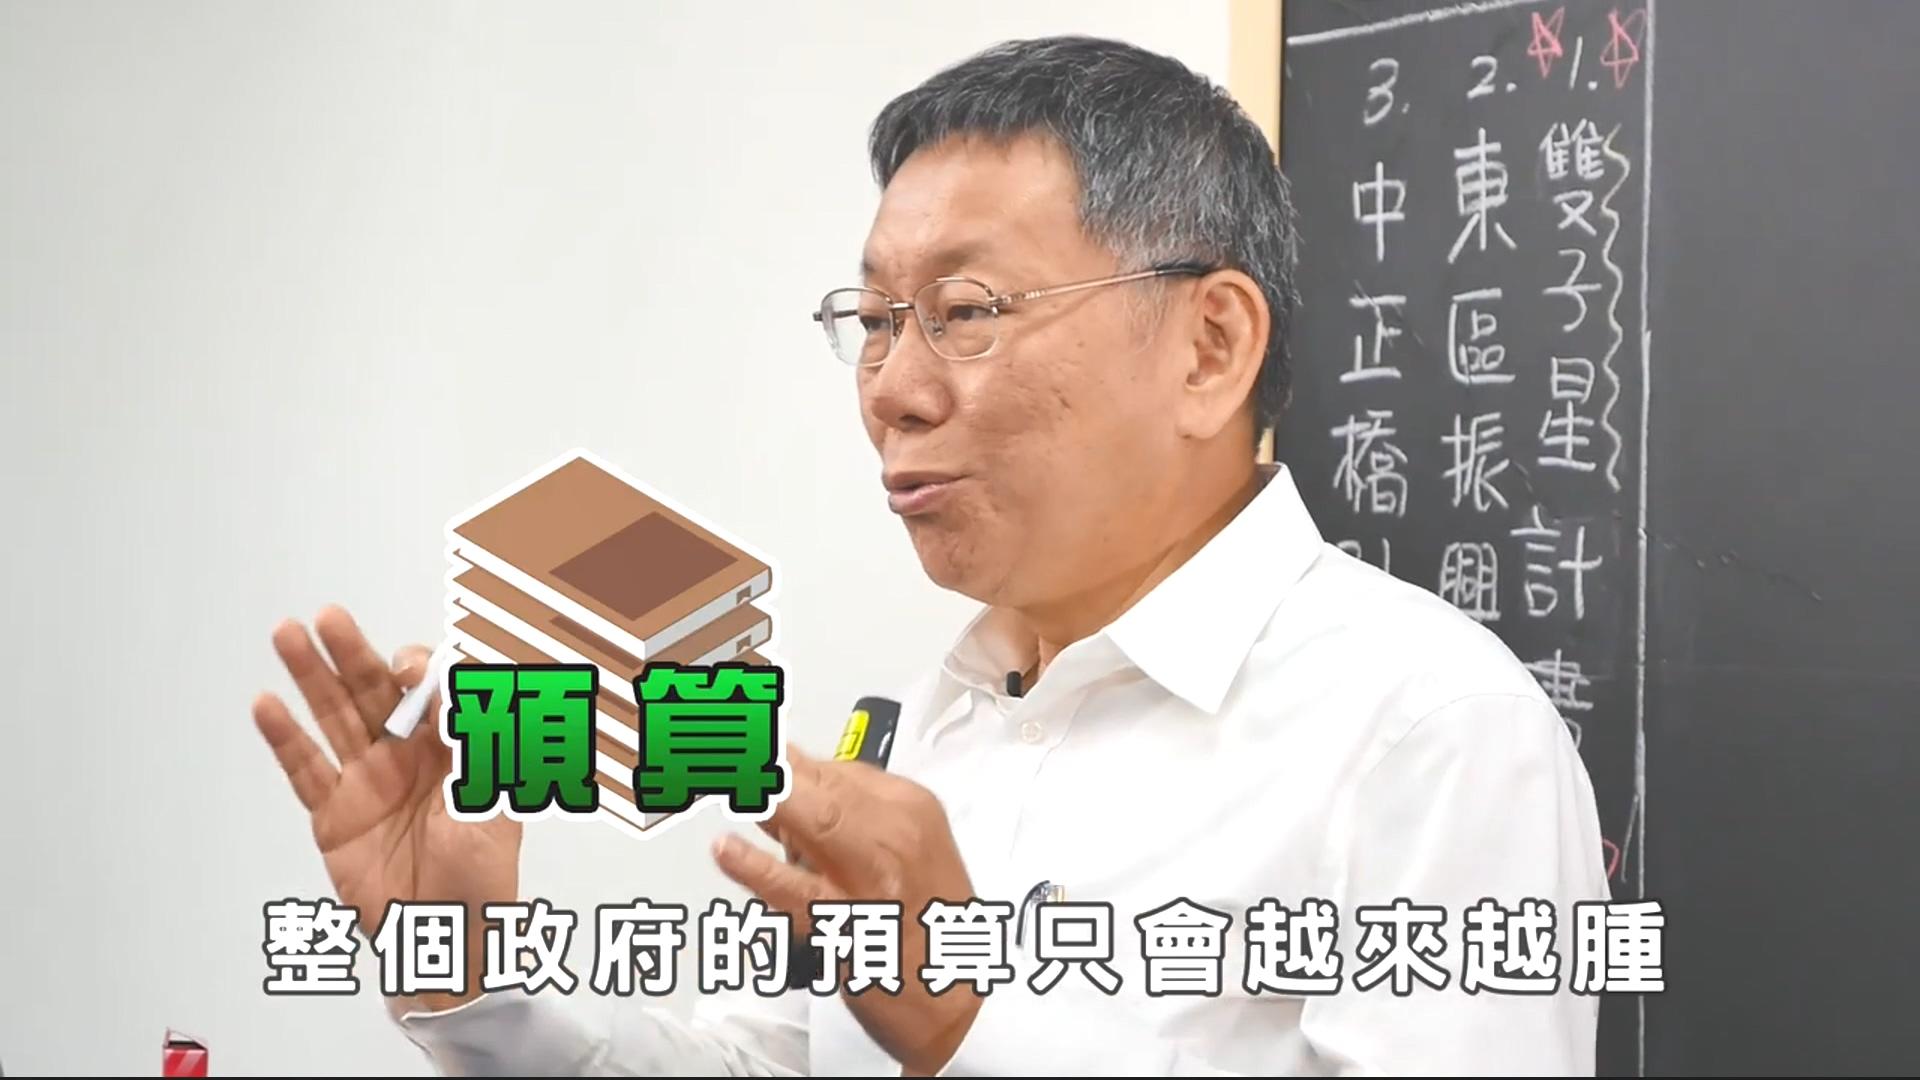 圖/翻攝自柯文哲官網